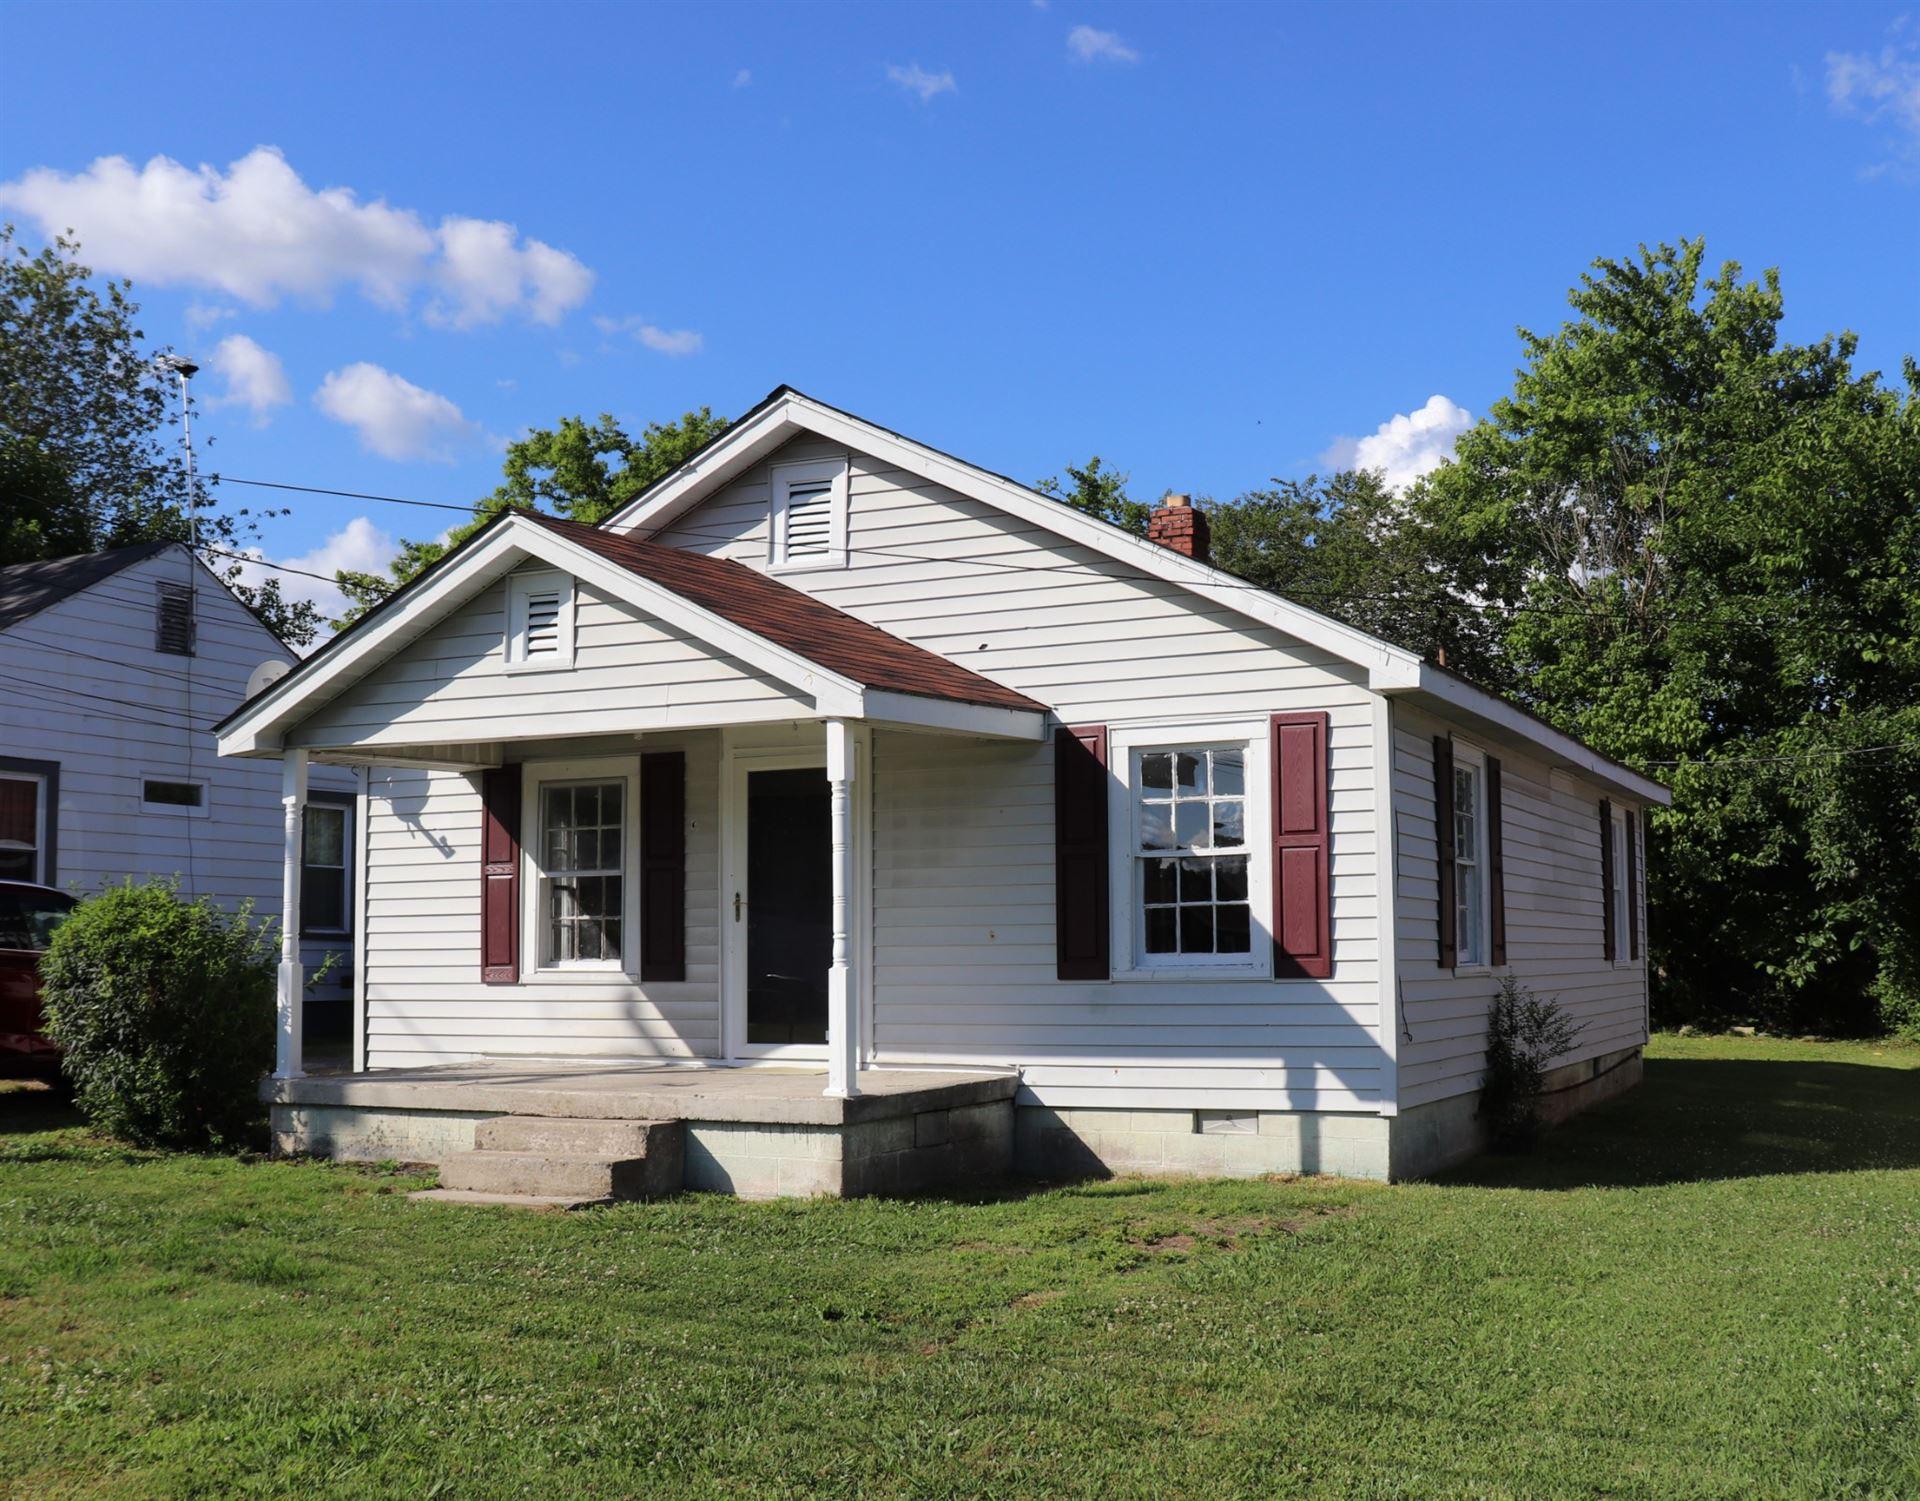 609 S Jefferson St, Tullahoma, TN 37388 - MLS#: 2255270